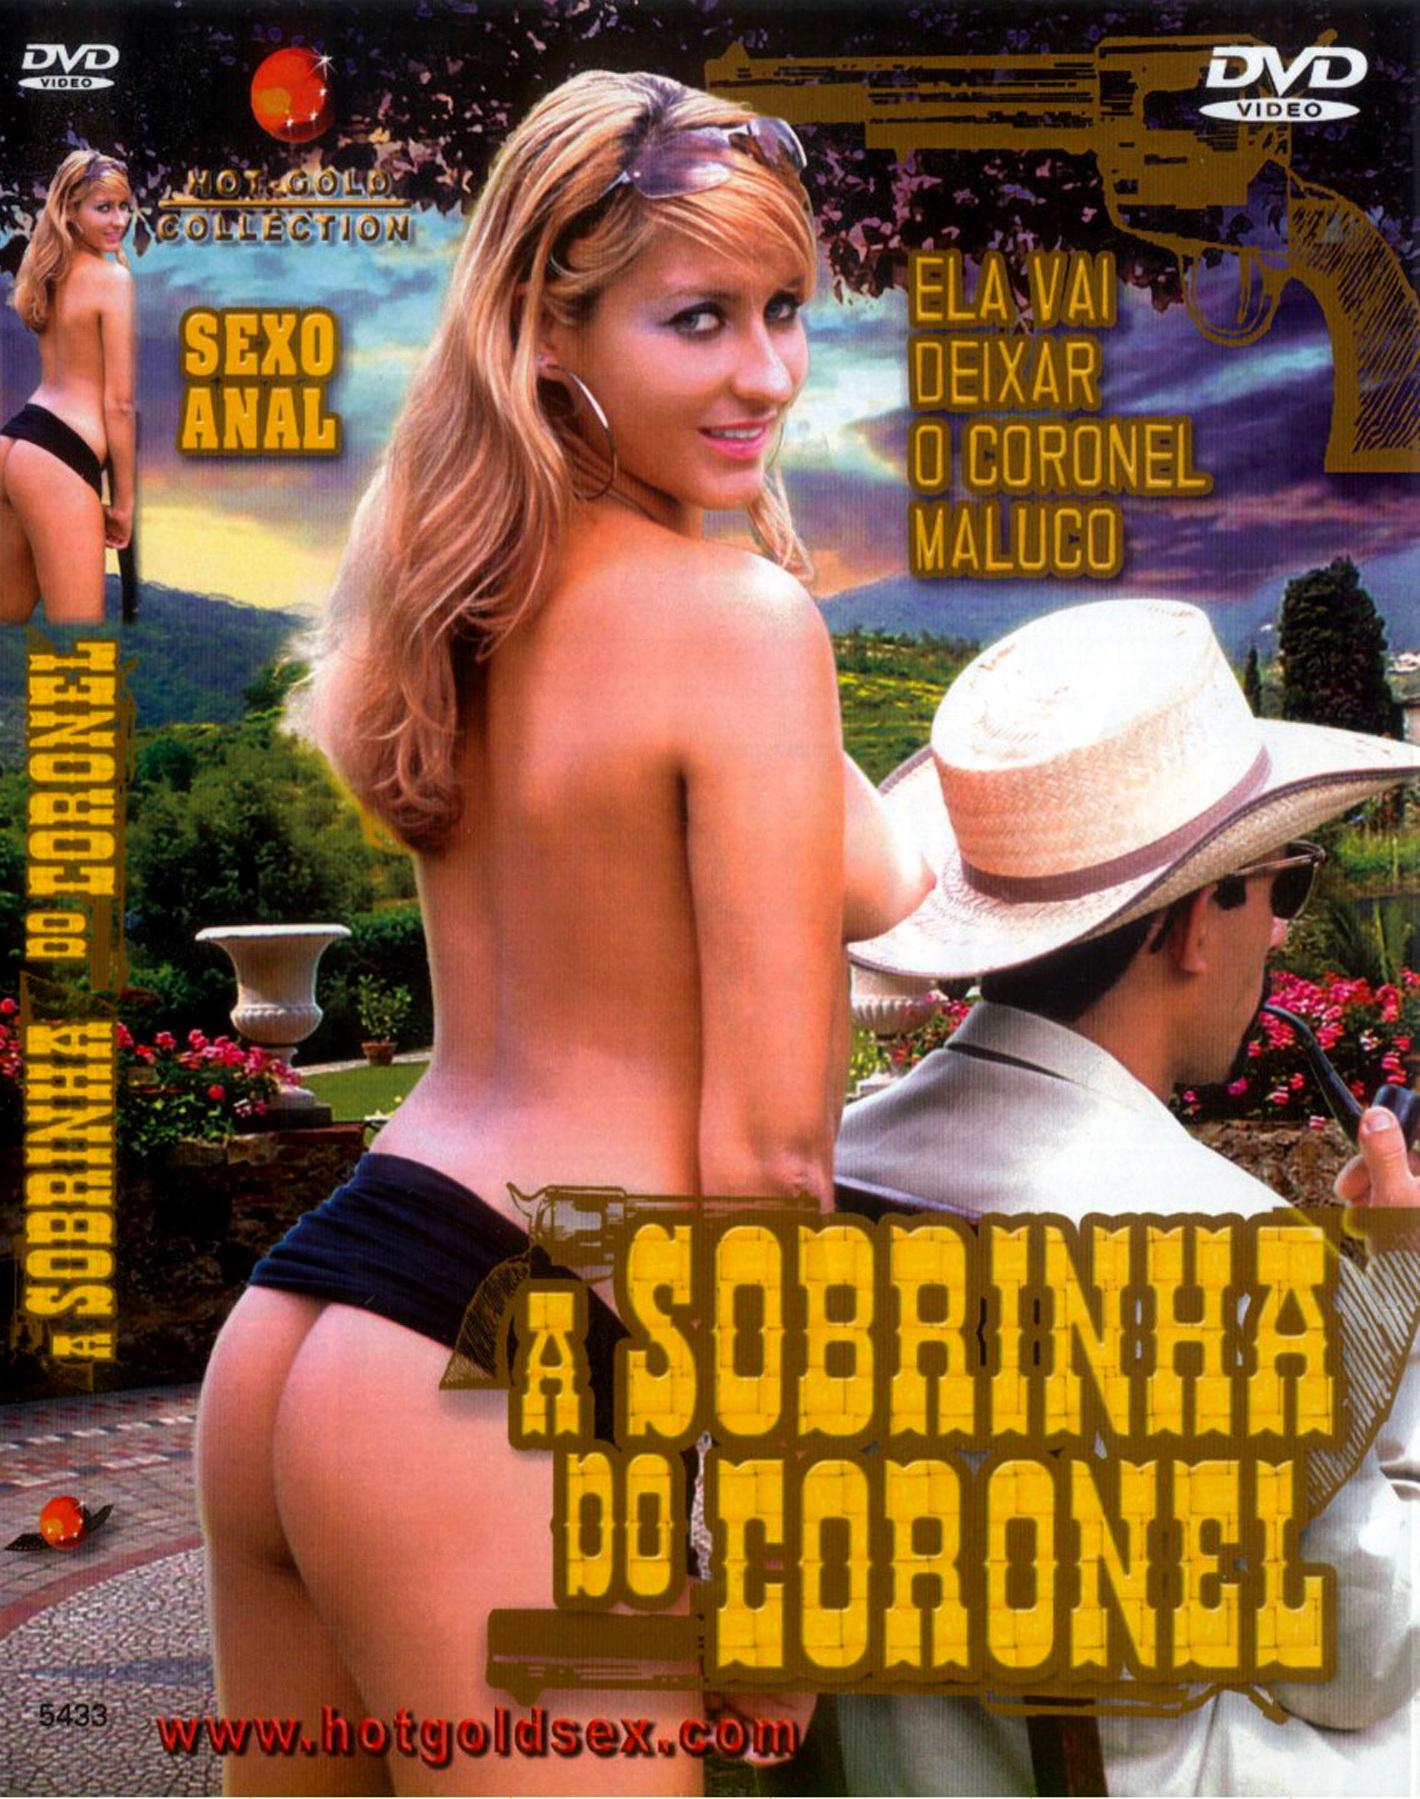 La Sobrina Del Coronel - PelisXXX.me